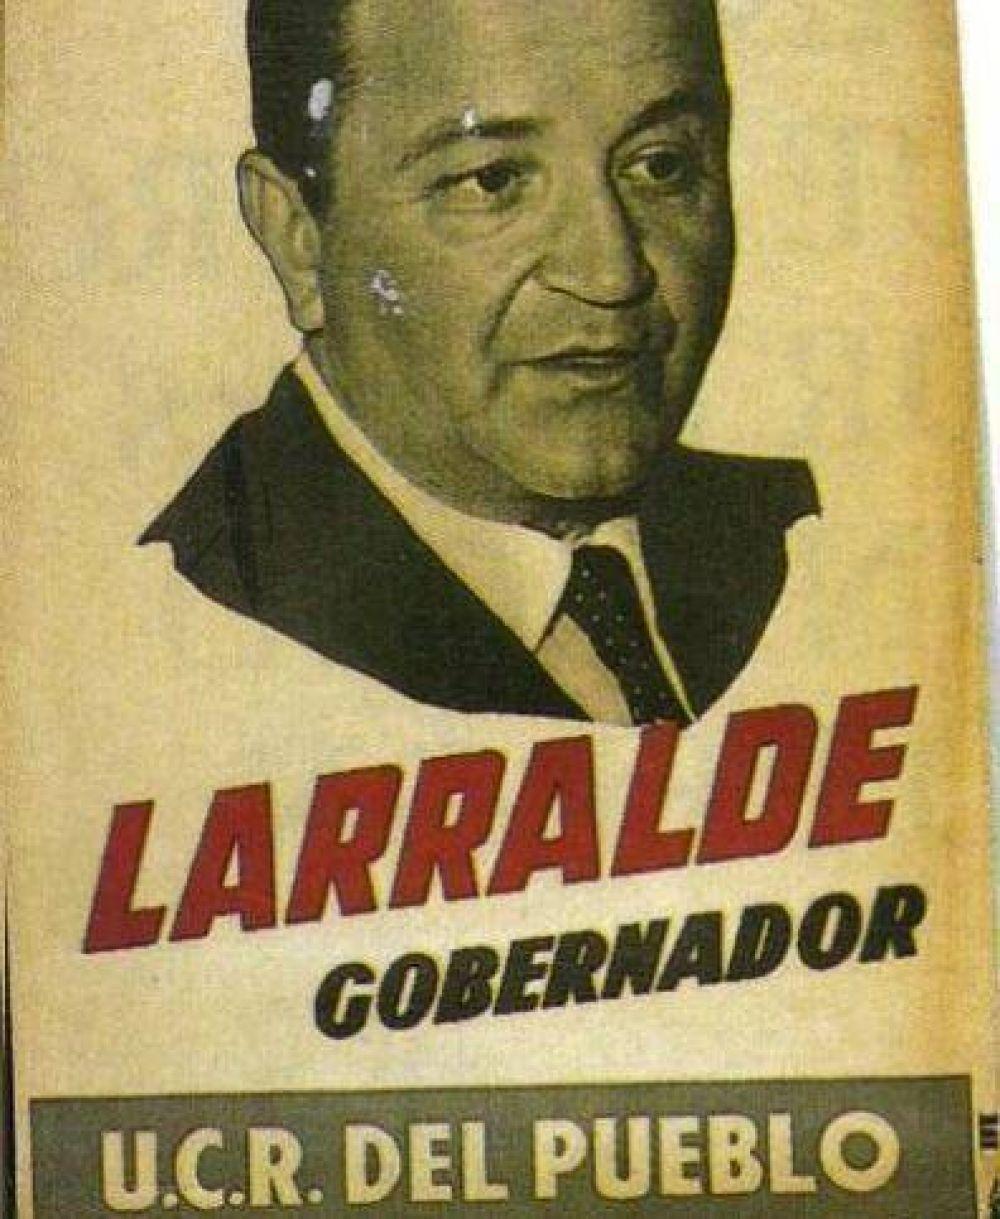 La UCR hará un acto en homenaje a Crisólogo Larralde